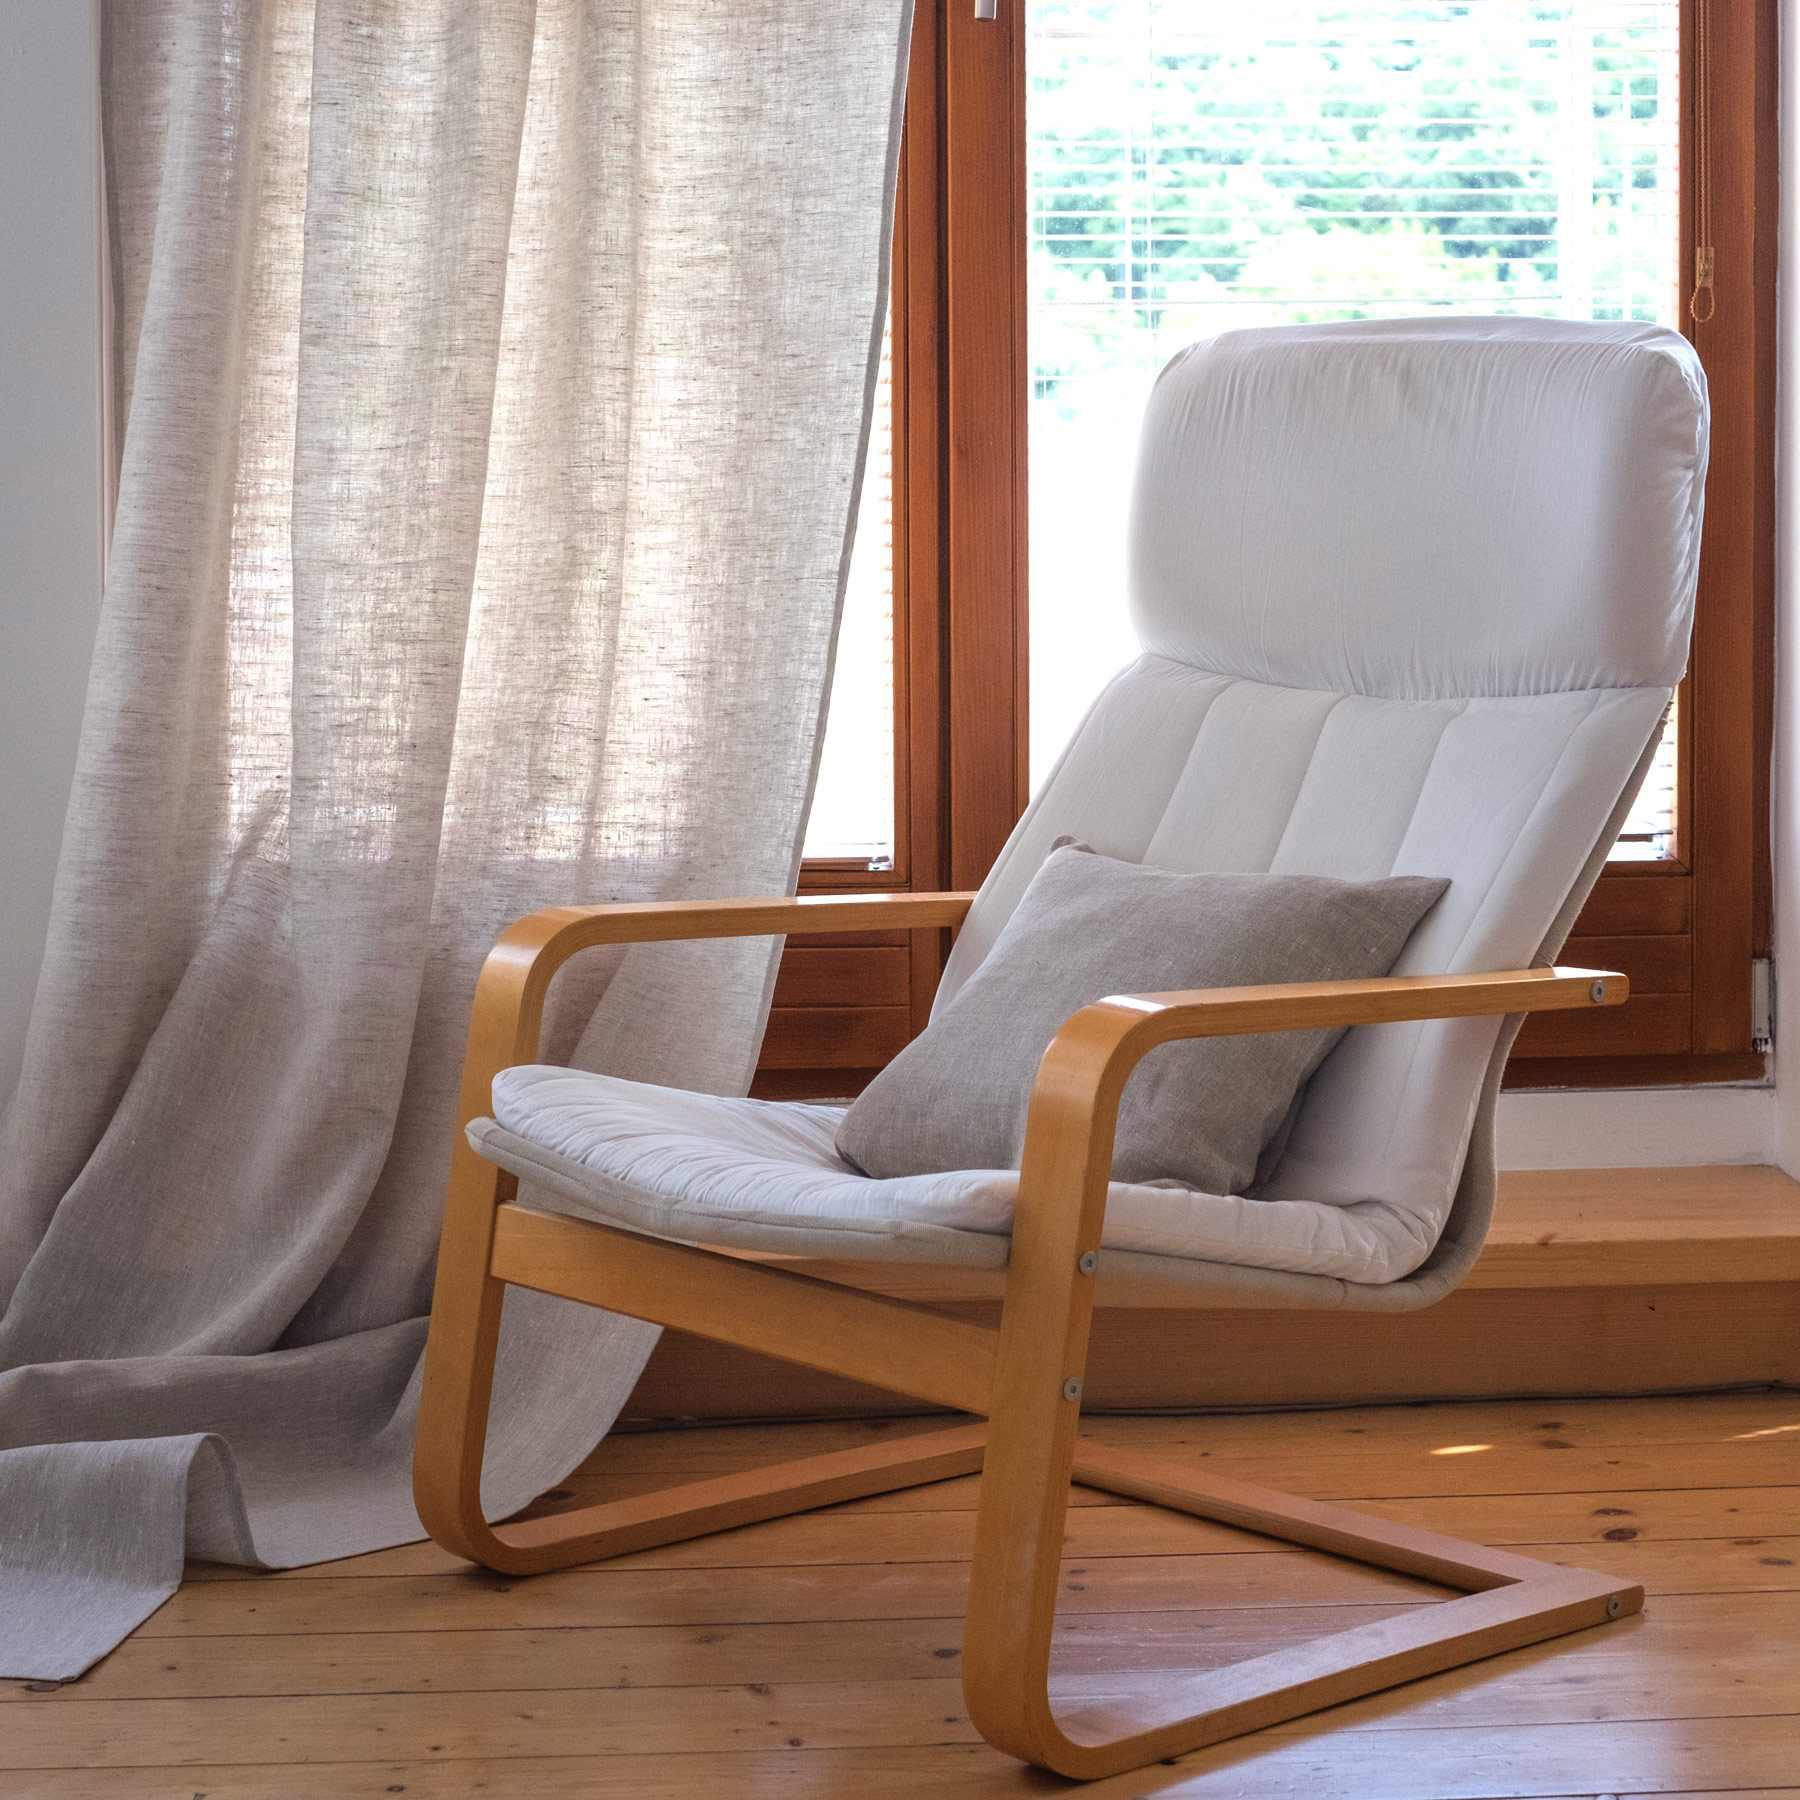 leinen vorh nge lesna hell natur. Black Bedroom Furniture Sets. Home Design Ideas